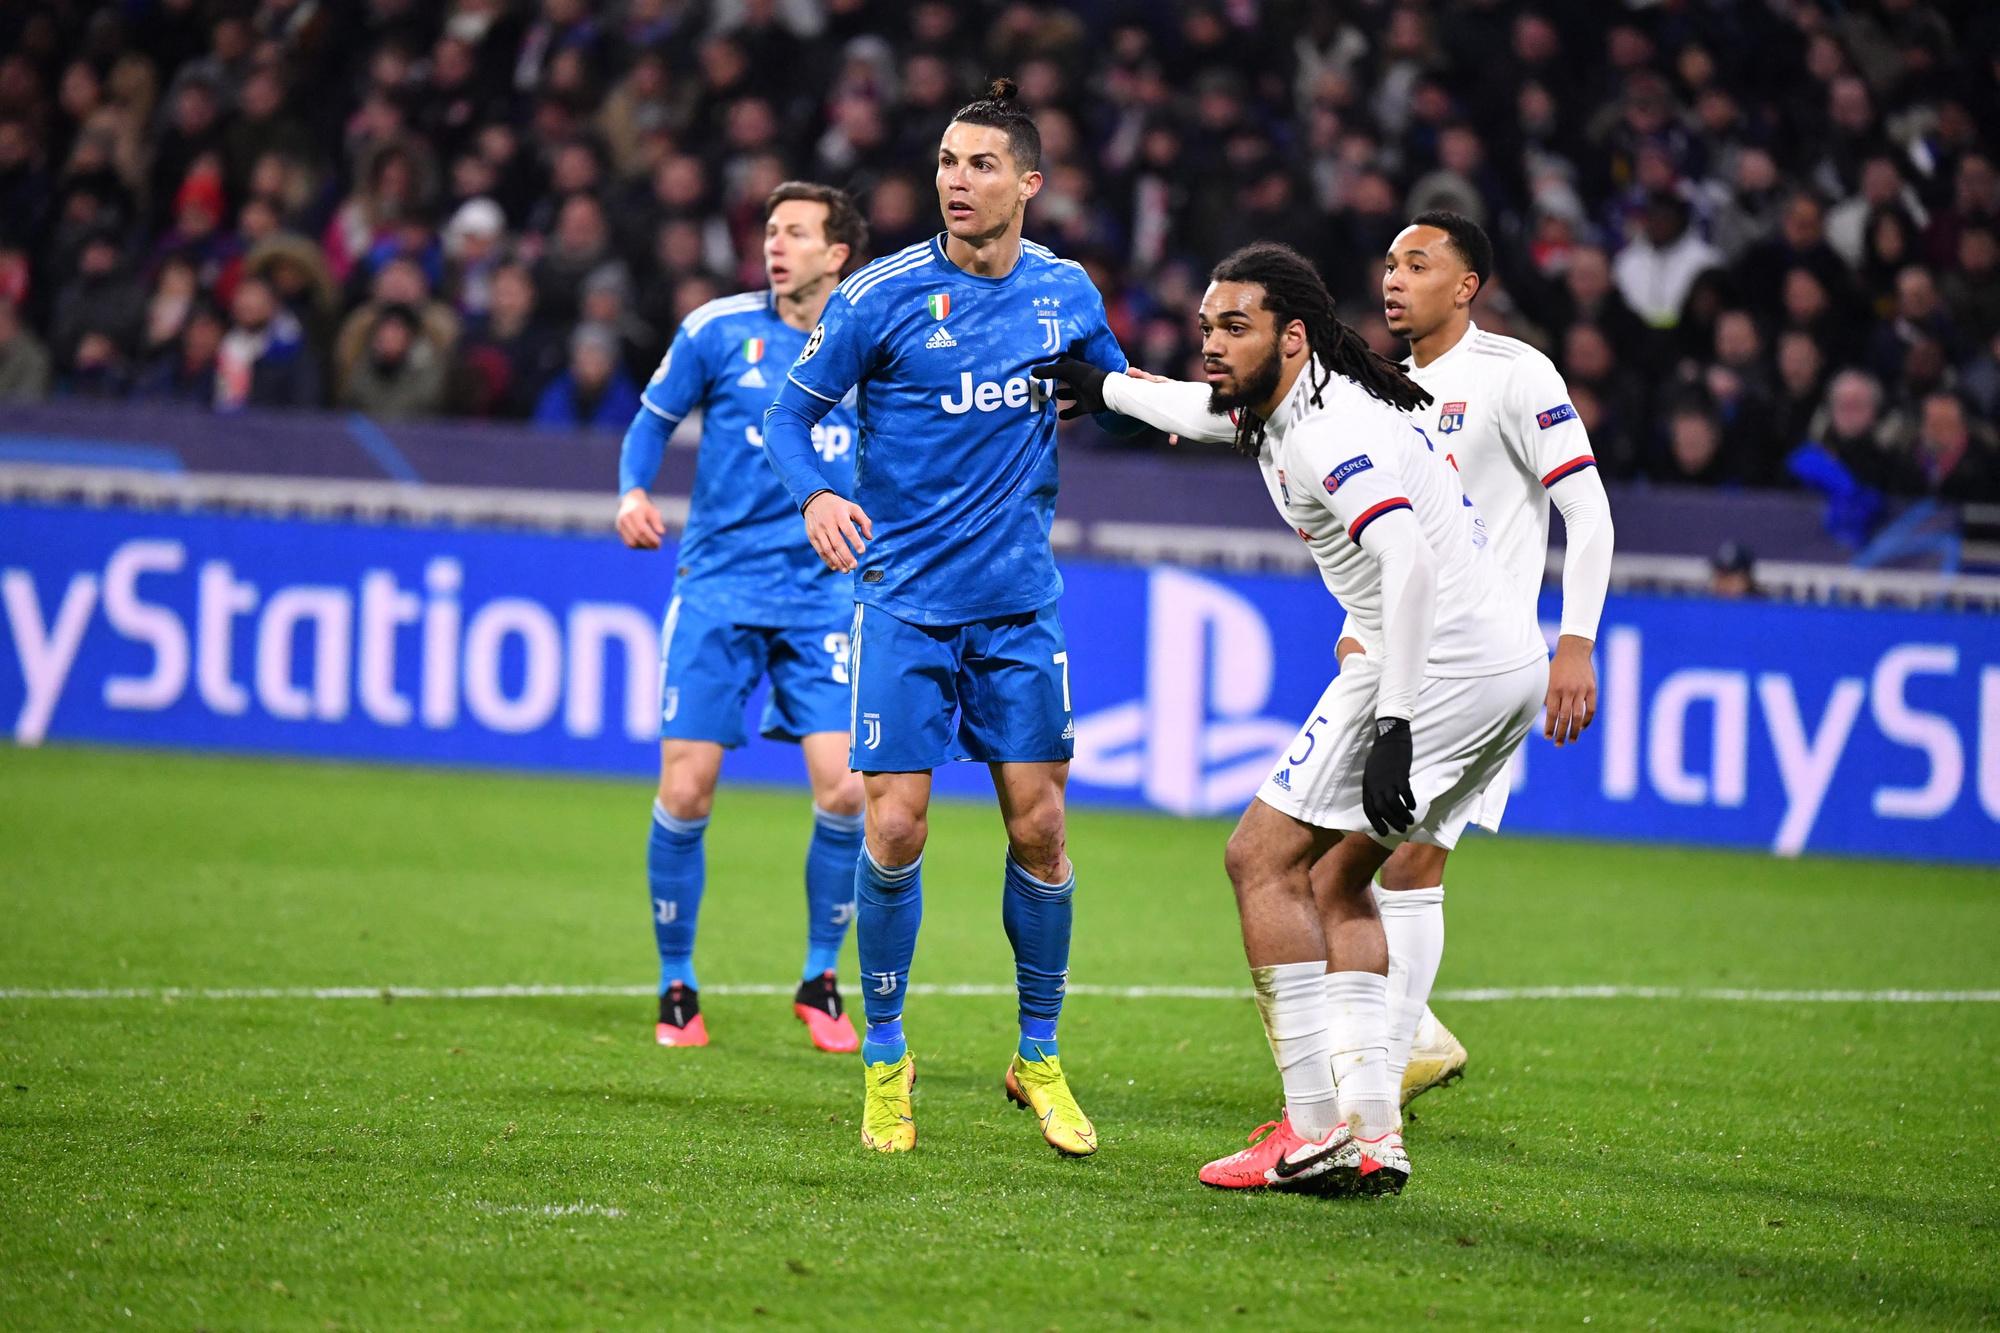 Le huitième retour face à la Juventus de CR7 s'annonce crucial pour l'OL et Denayer., belga